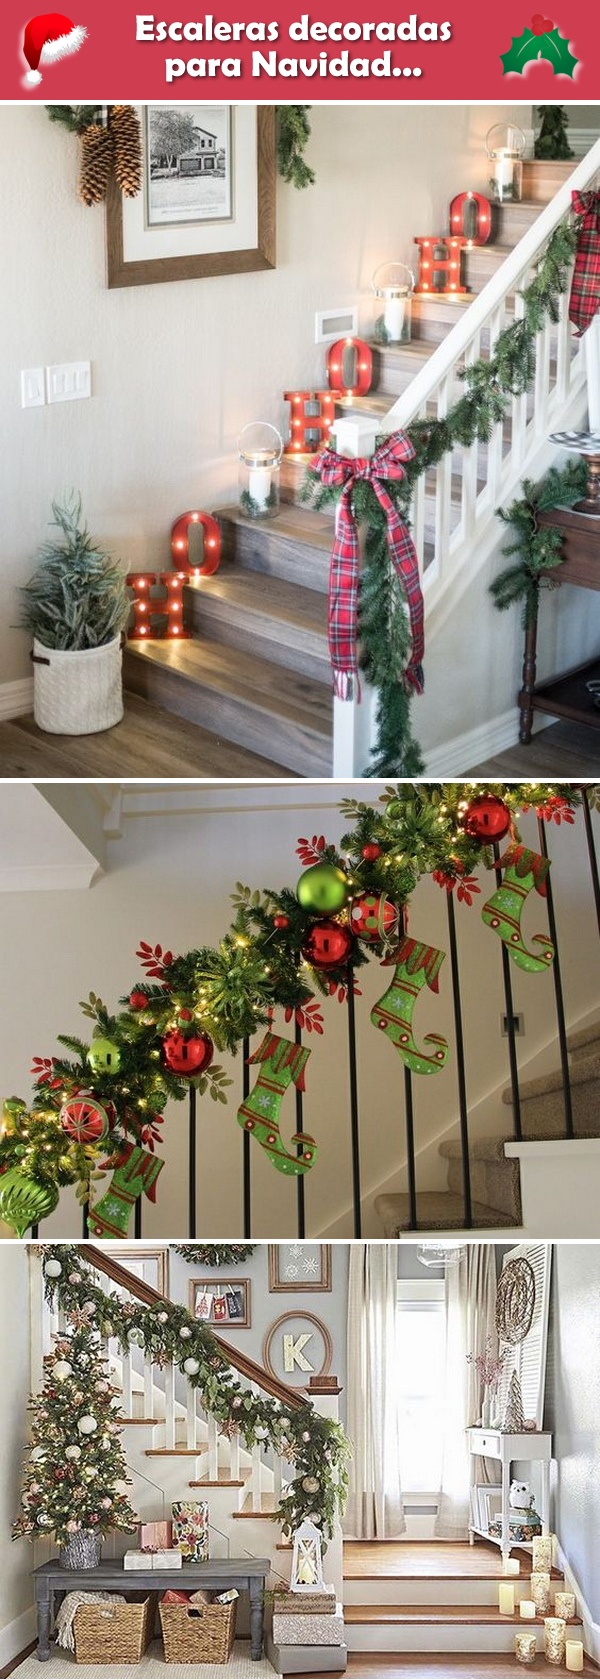 Decoraci n de escaleras para navidad decoraci n navide a for Decoraciones para gradas